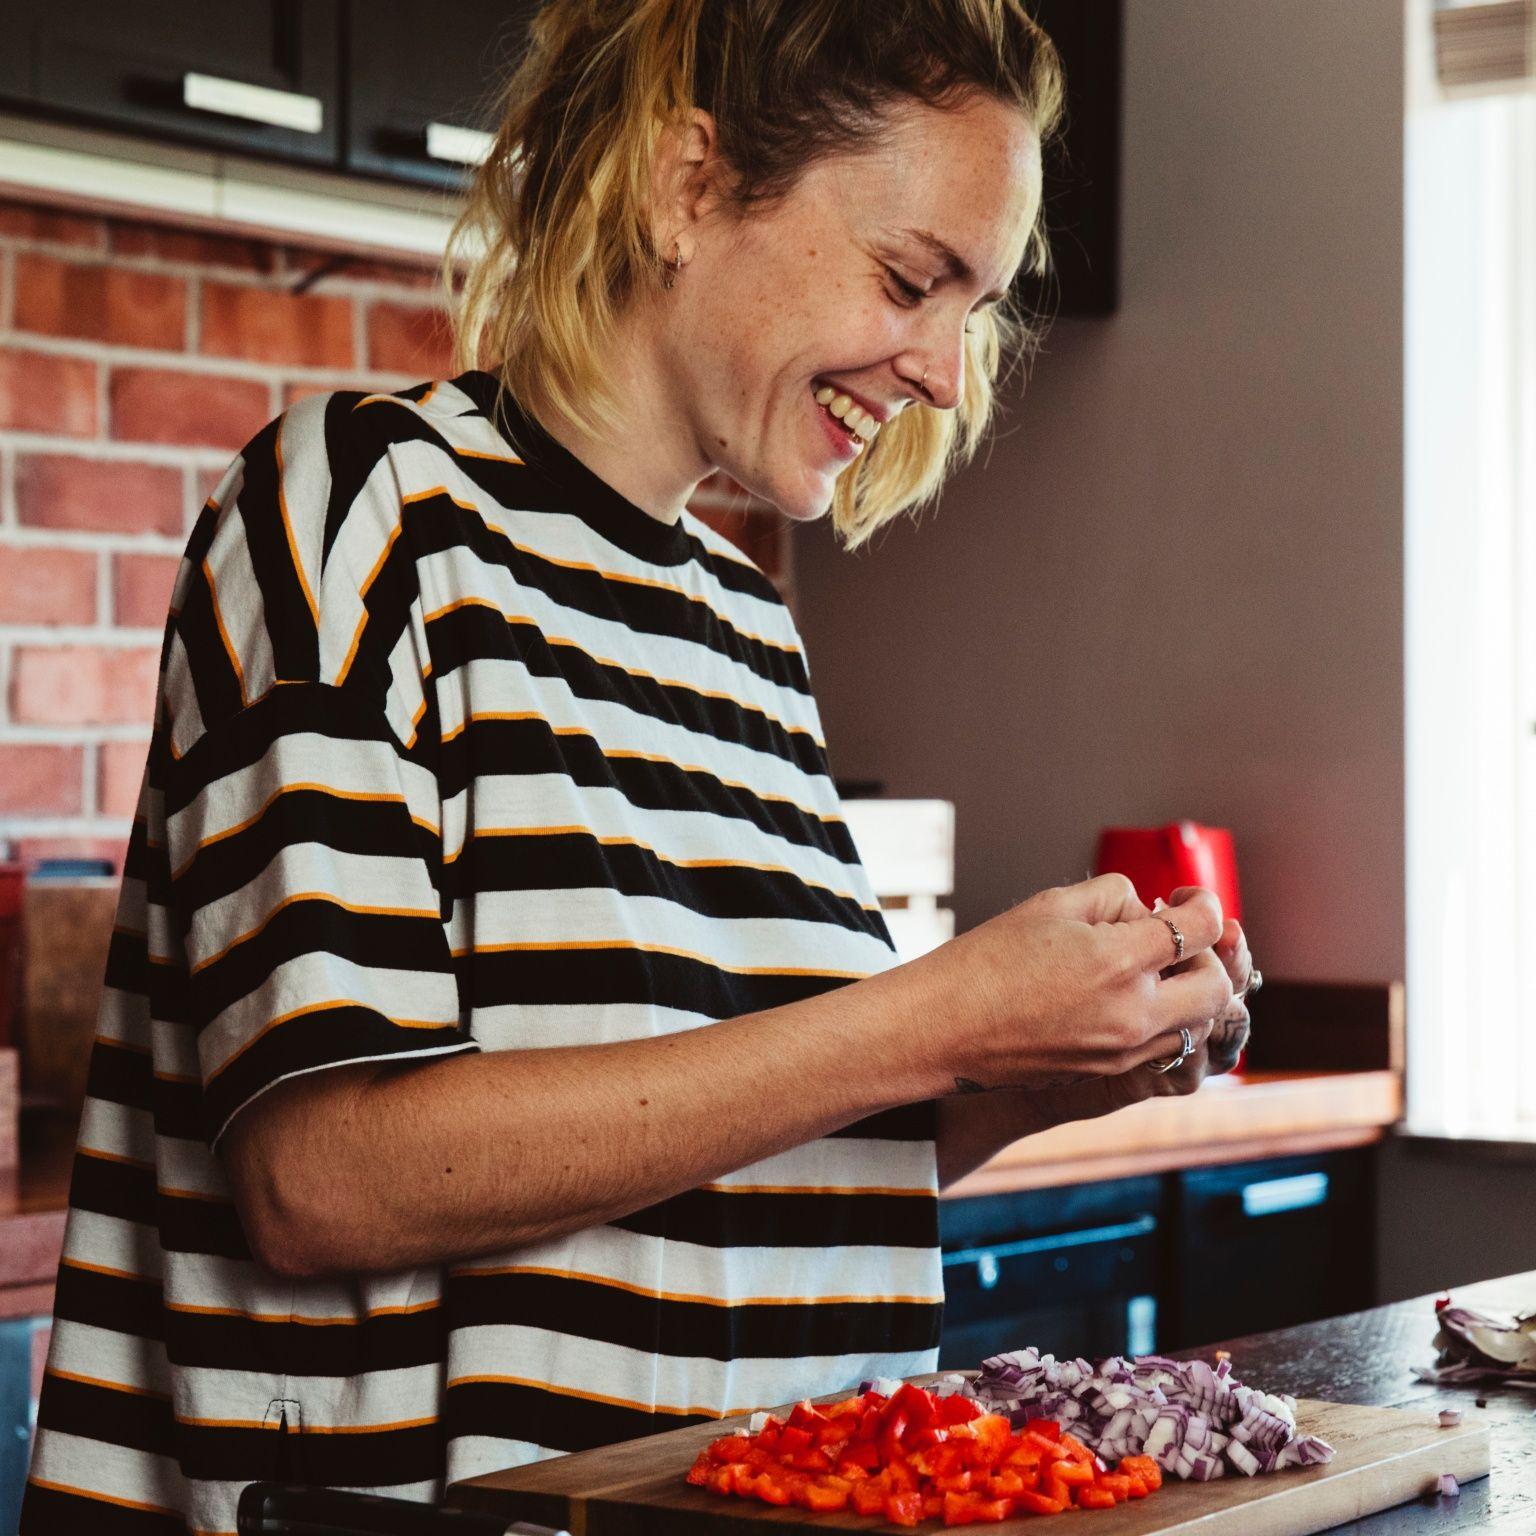 Loretta at work in the kitchen